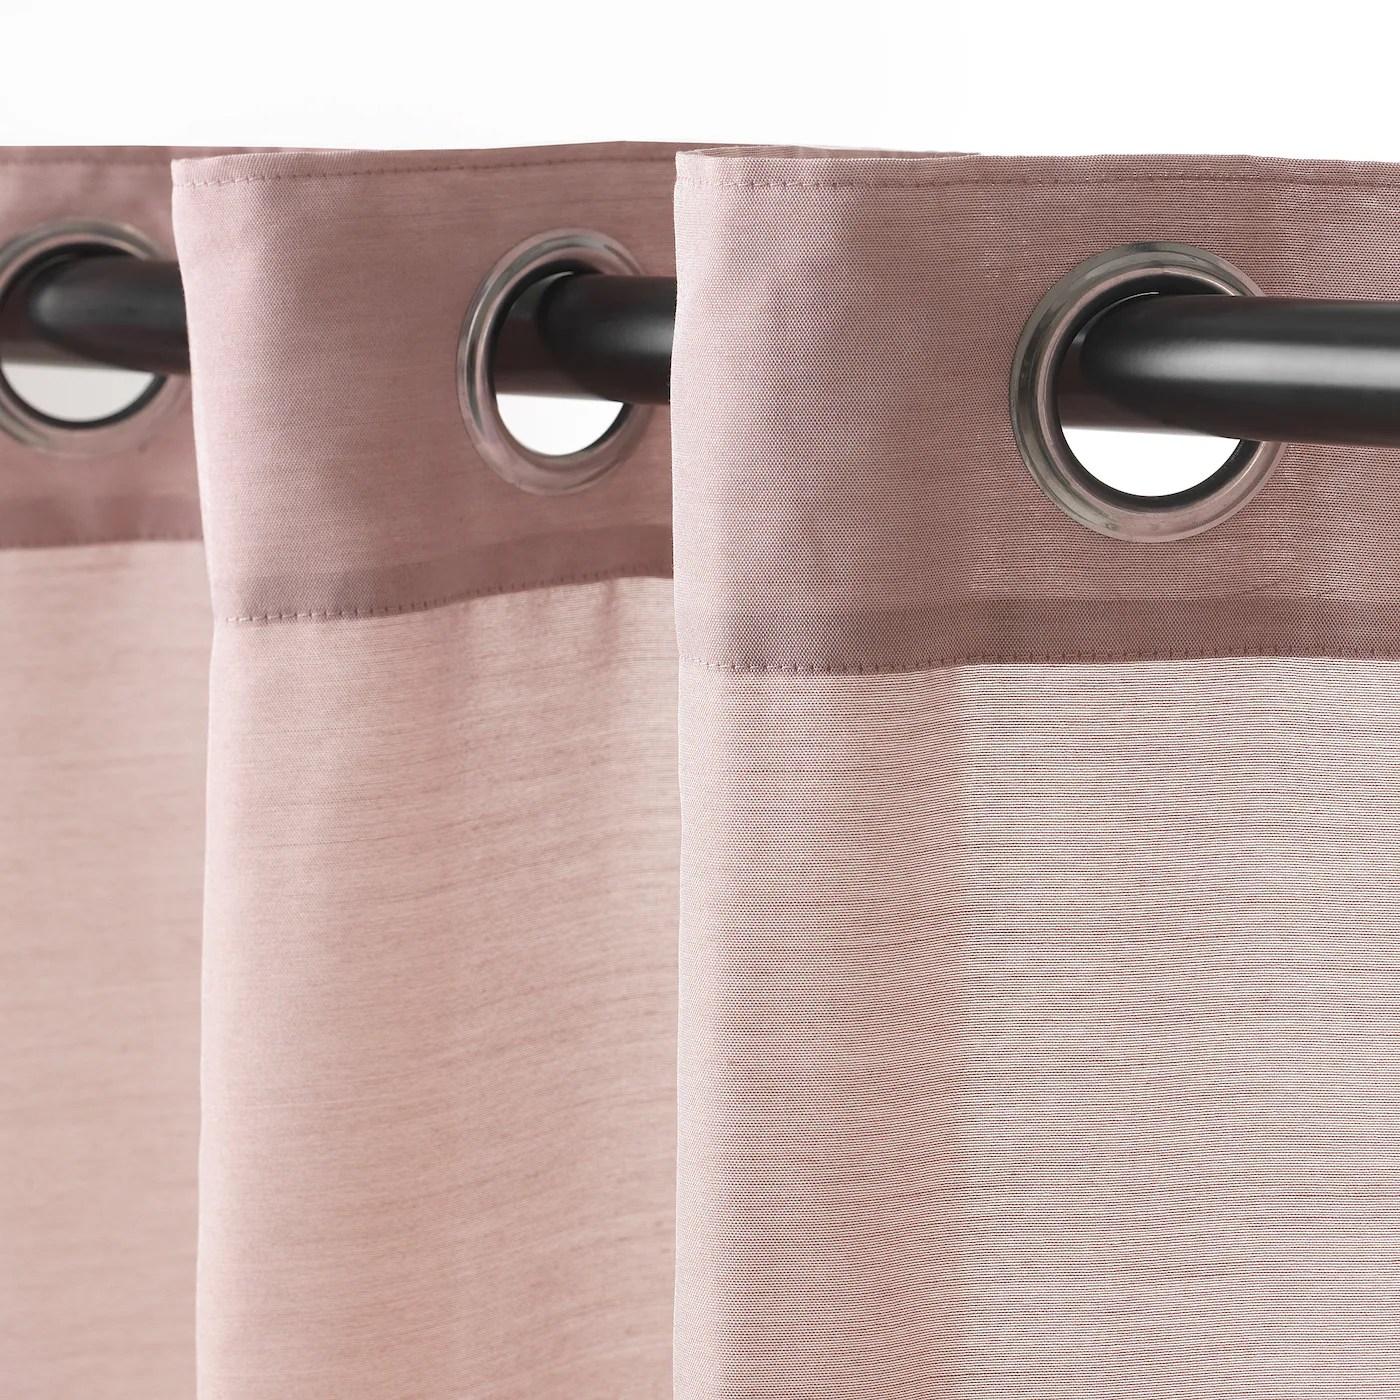 hilja rideaux 2 pieces rose avec oeillets 145x300 cm